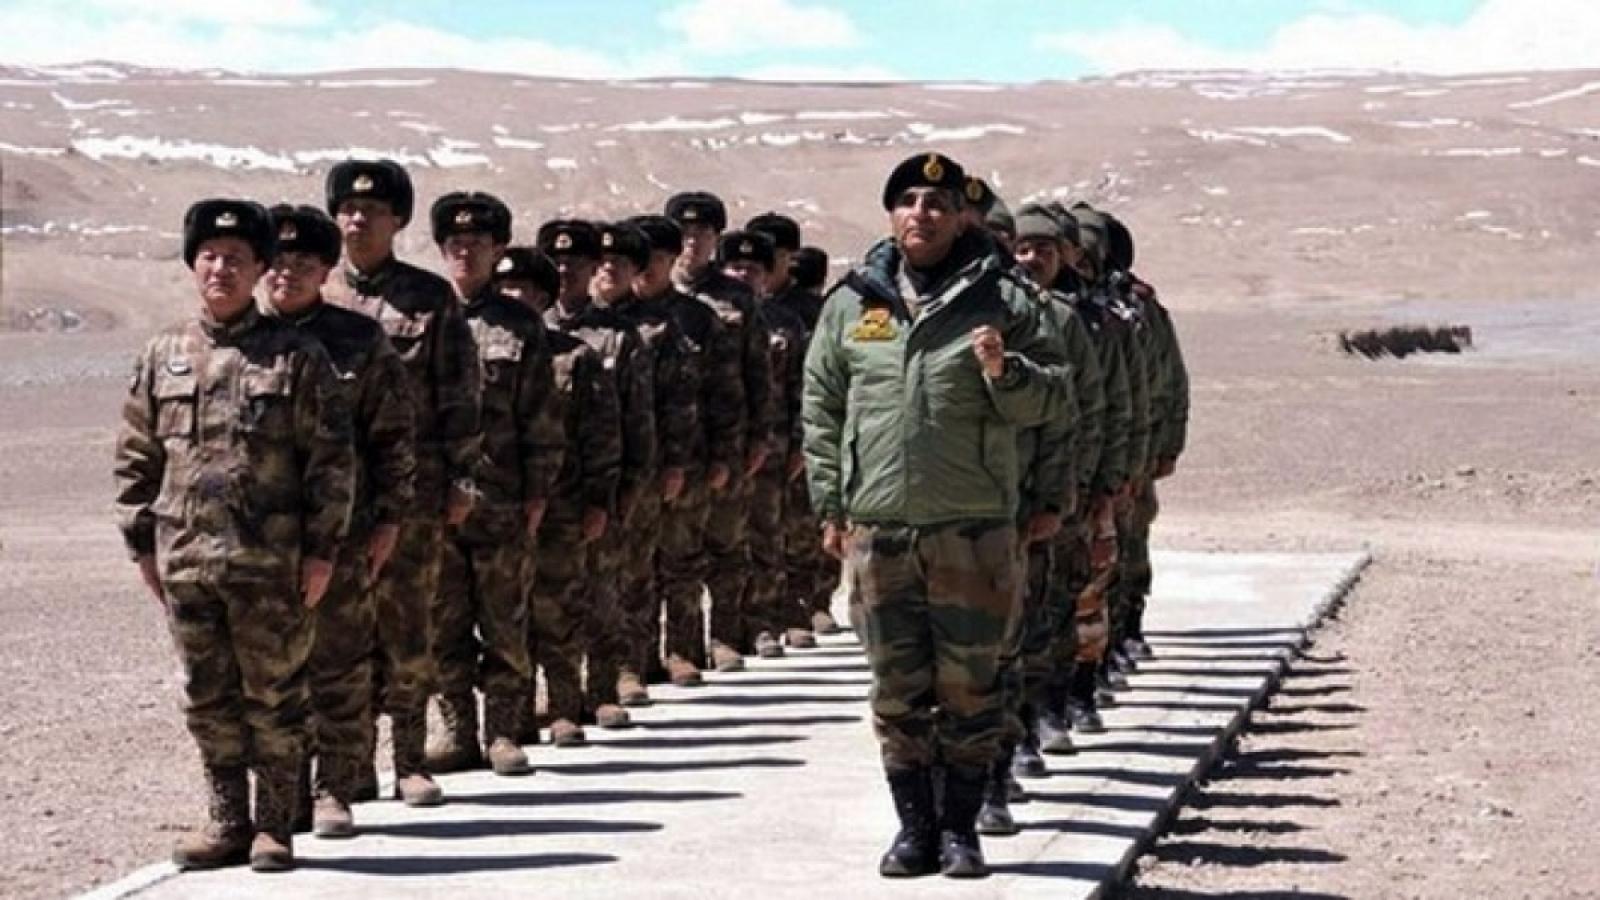 Ấn Độ và Trung Quốc tổ chức vòng đàm phán quân sự lần thứ 12